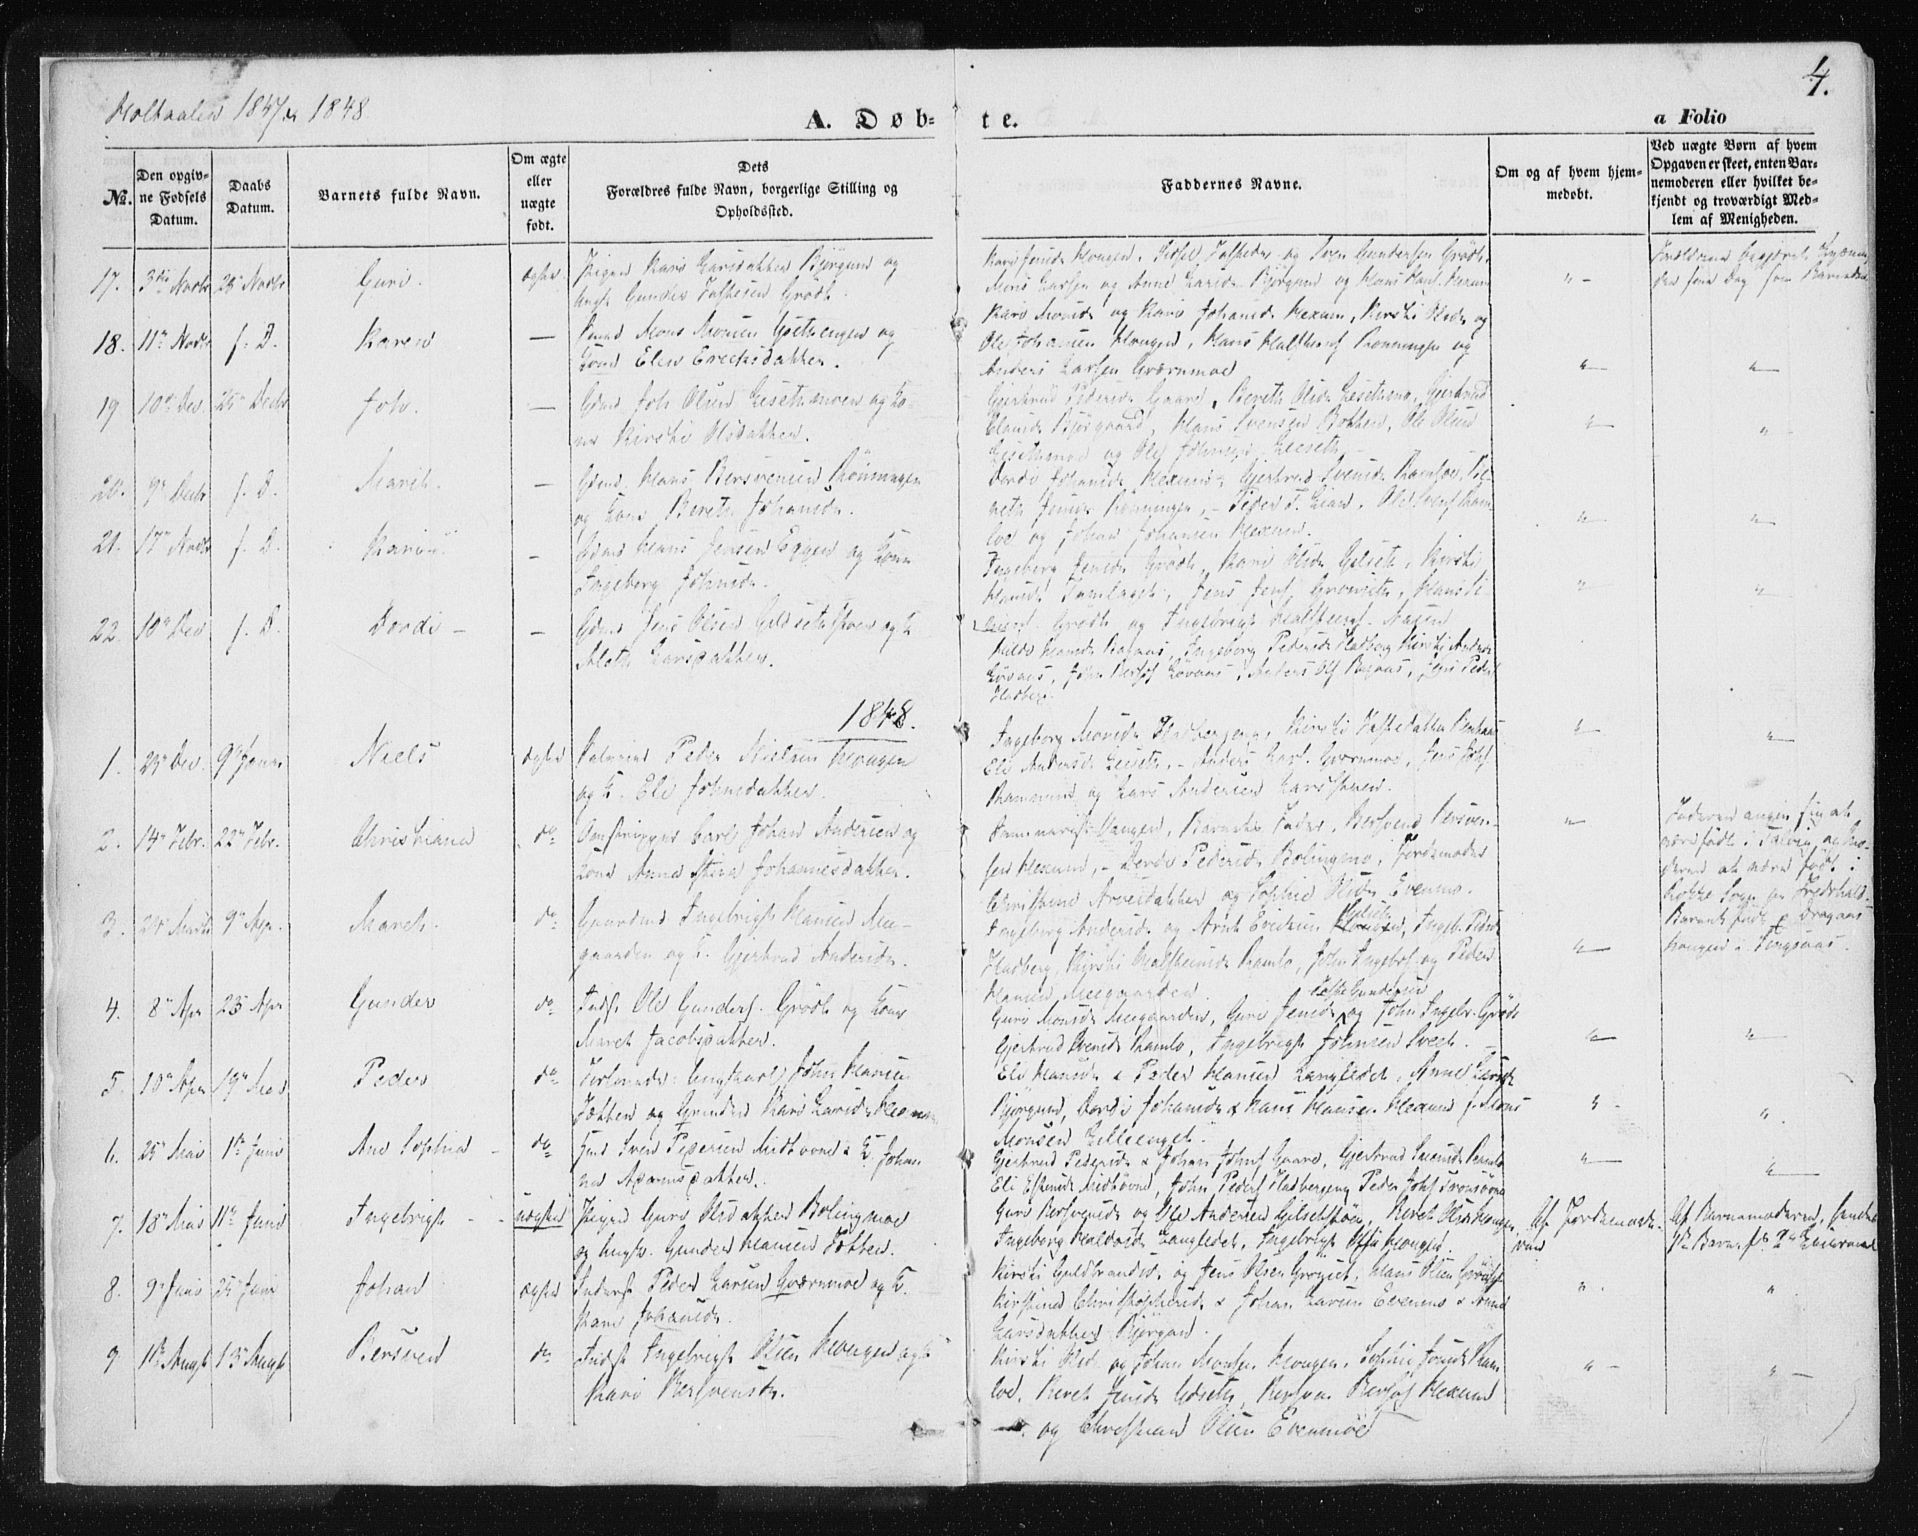 SAT, Ministerialprotokoller, klokkerbøker og fødselsregistre - Sør-Trøndelag, 685/L0963: Ministerialbok nr. 685A06 /1, 1846-1859, s. 4